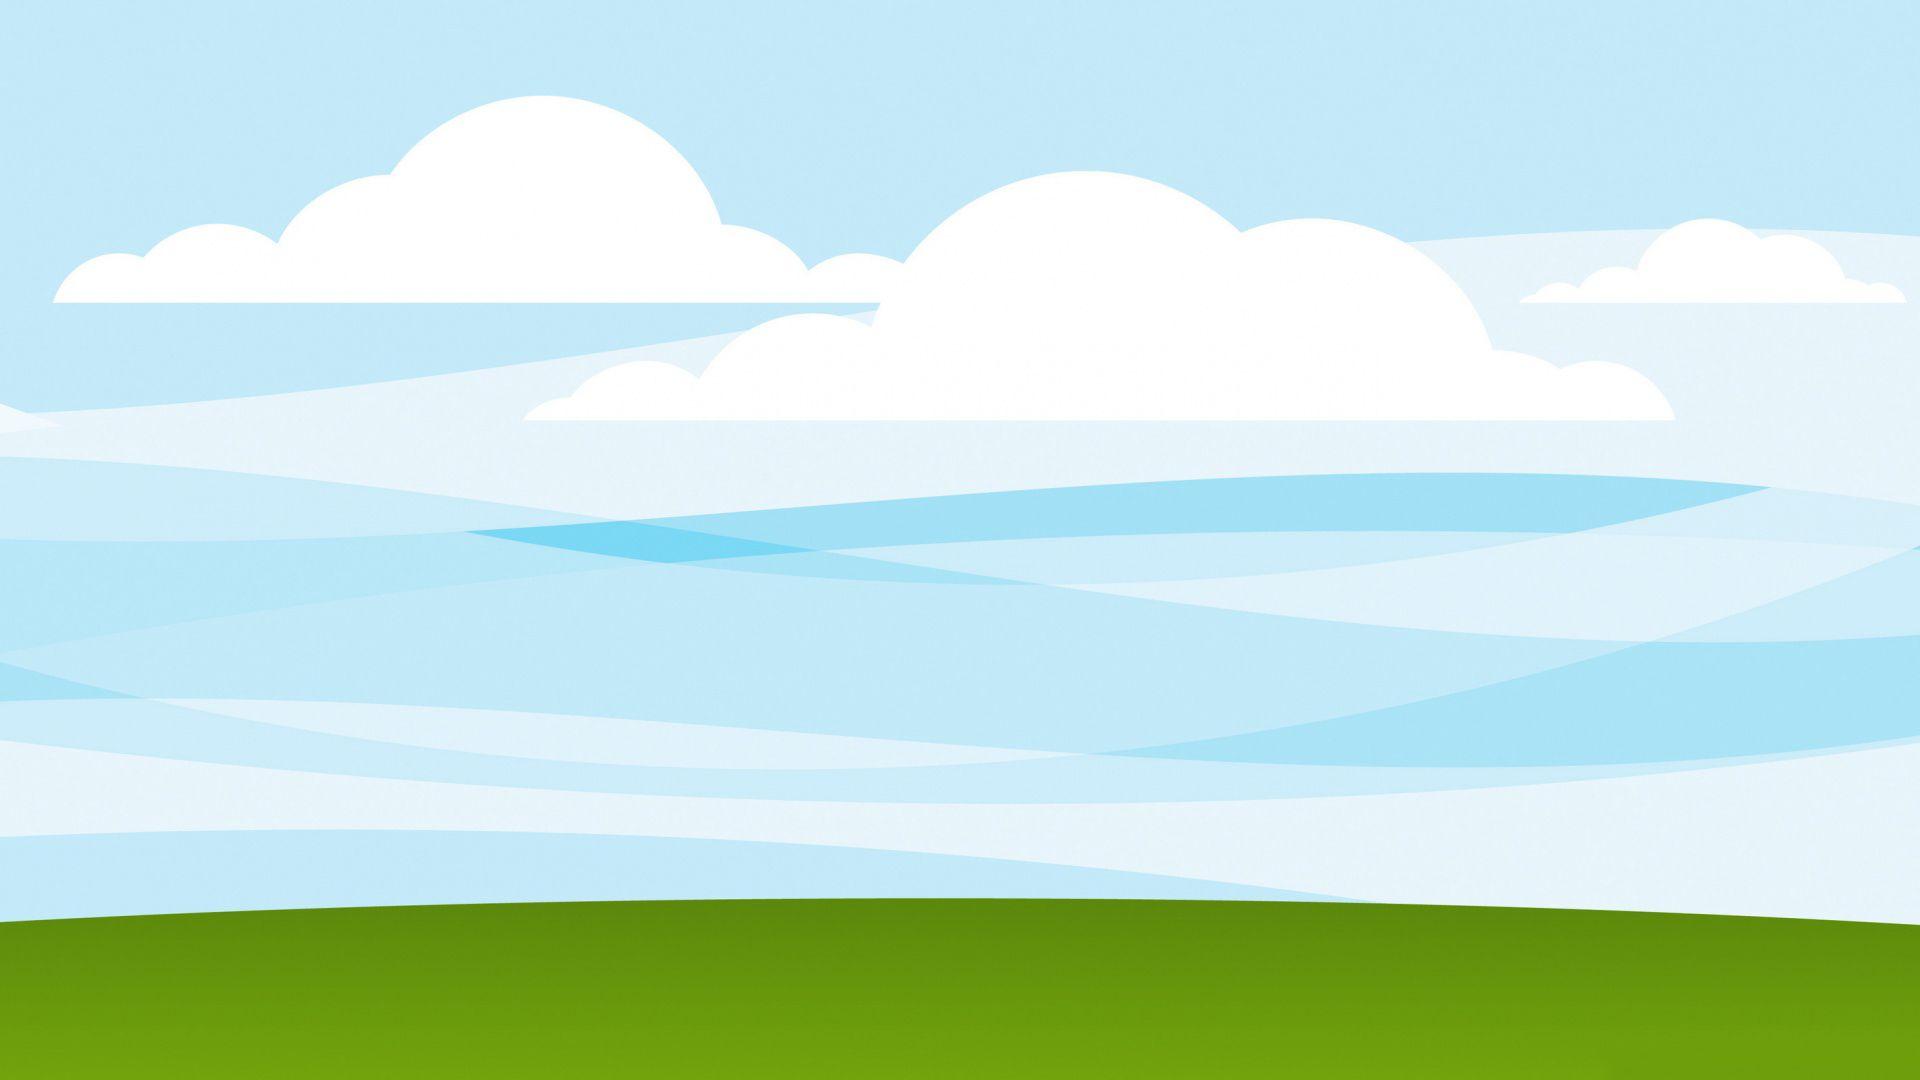 Sky Vector free desktop background